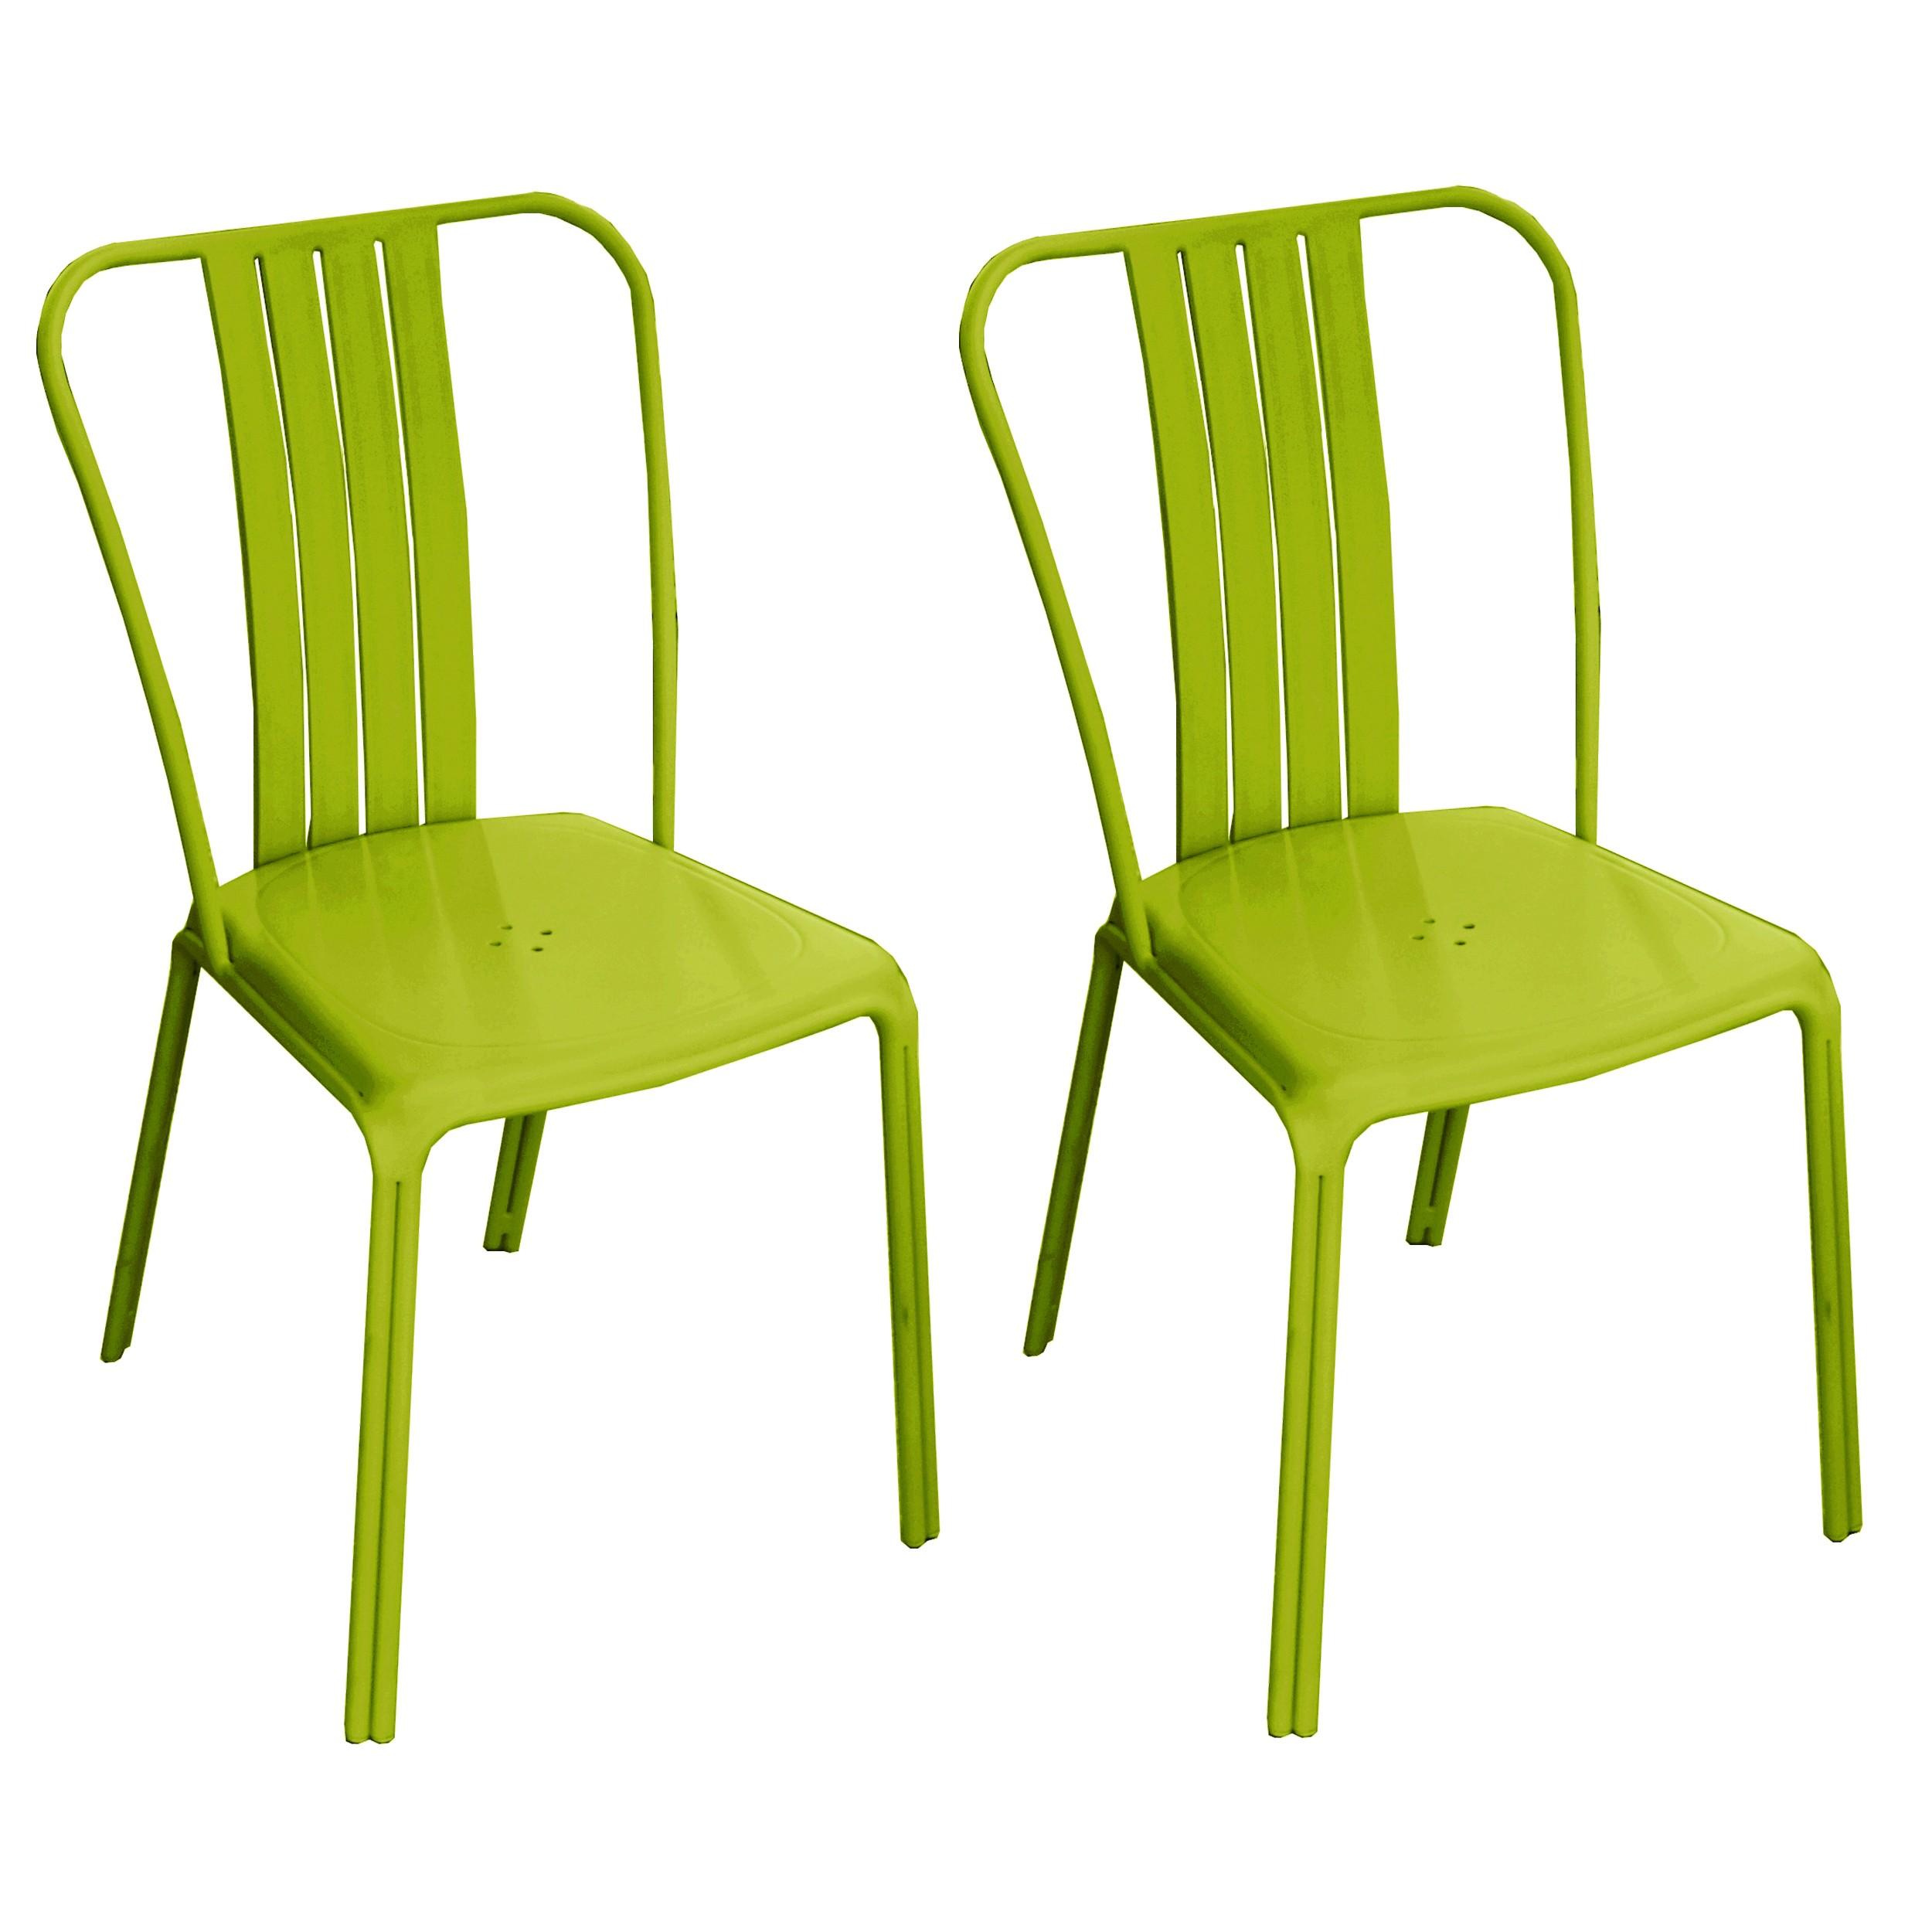 chaise de jardin azuro verte lot de 2 choisissez nos chaises de jardin azuro vertes design. Black Bedroom Furniture Sets. Home Design Ideas